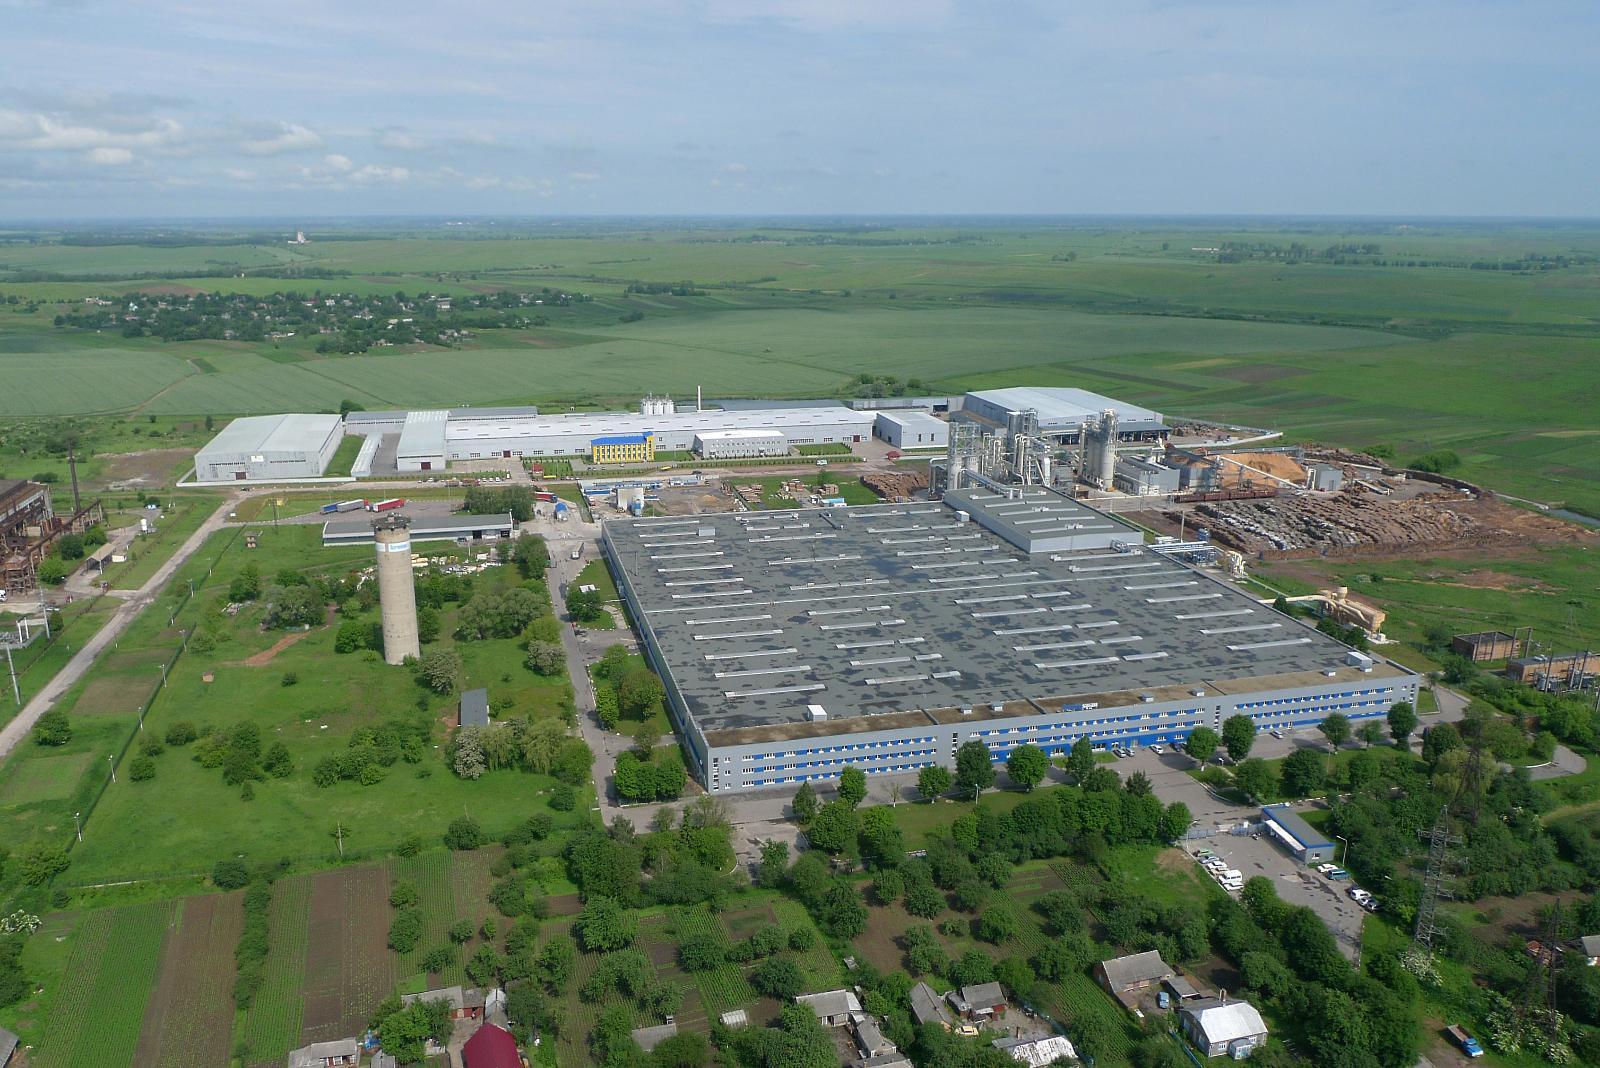 ЄБРР профінансує будівництво та енергомодернізацію нового заводу на Волині